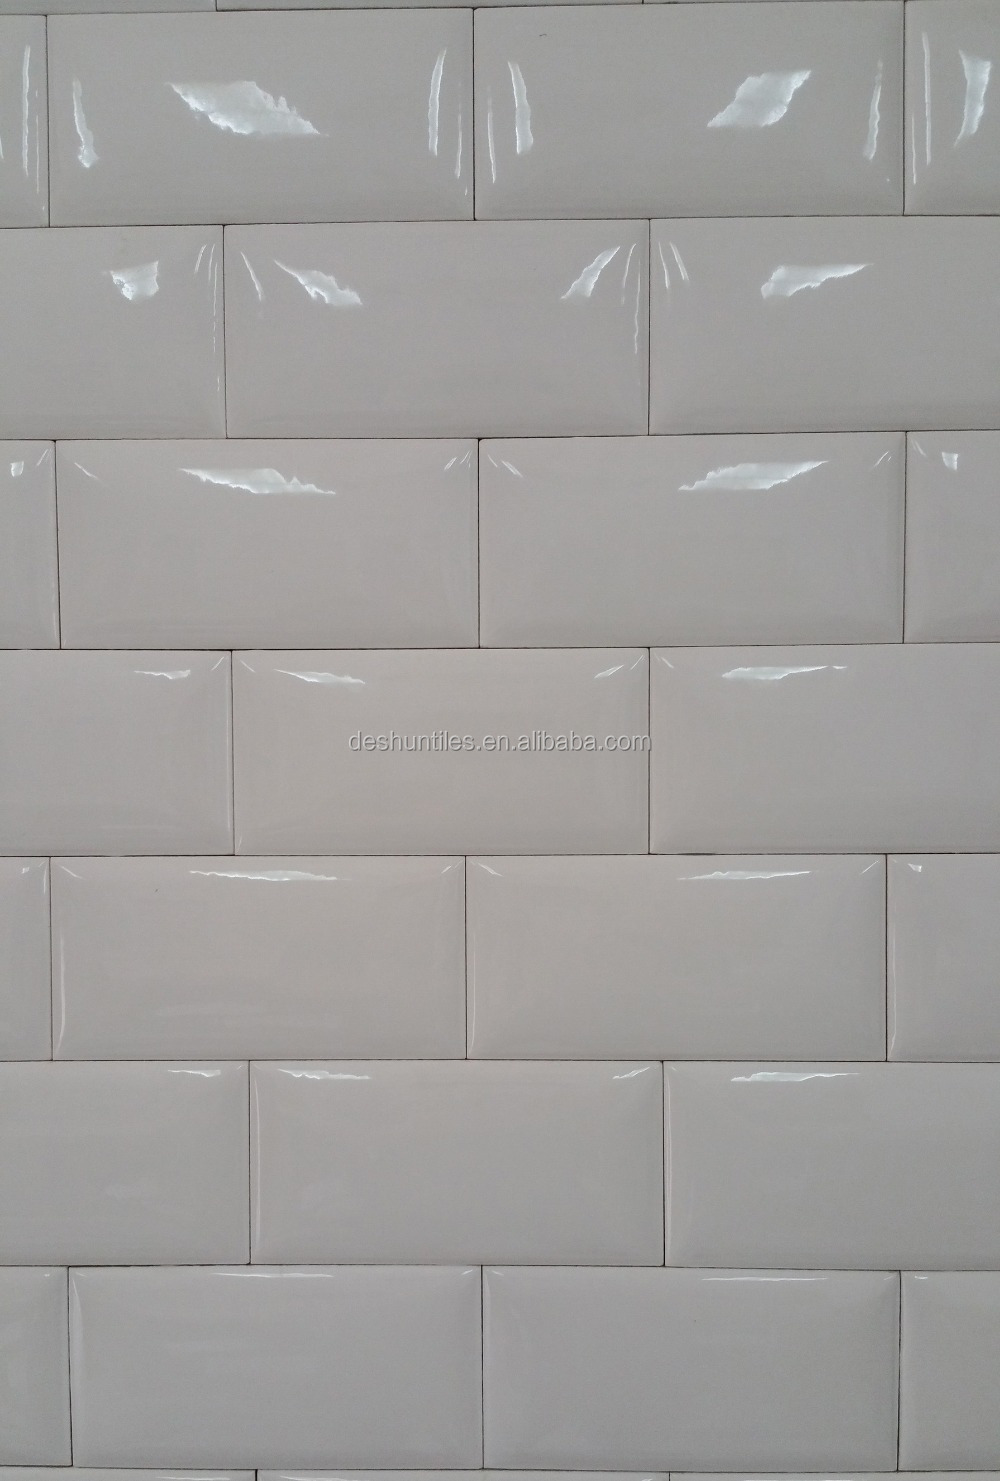 75x152mm Bathroom Wall Decorative Subway Bathroom Tile Board Wall